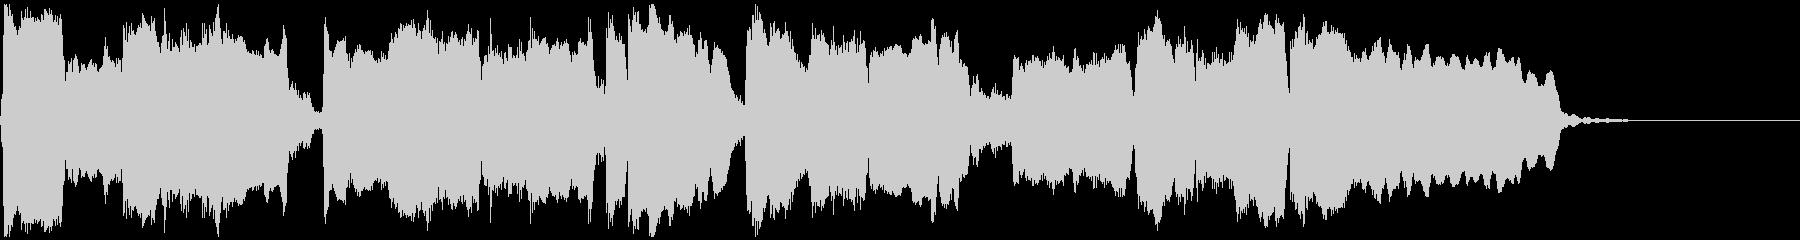 ソプラノサックスとギターのジングルの未再生の波形